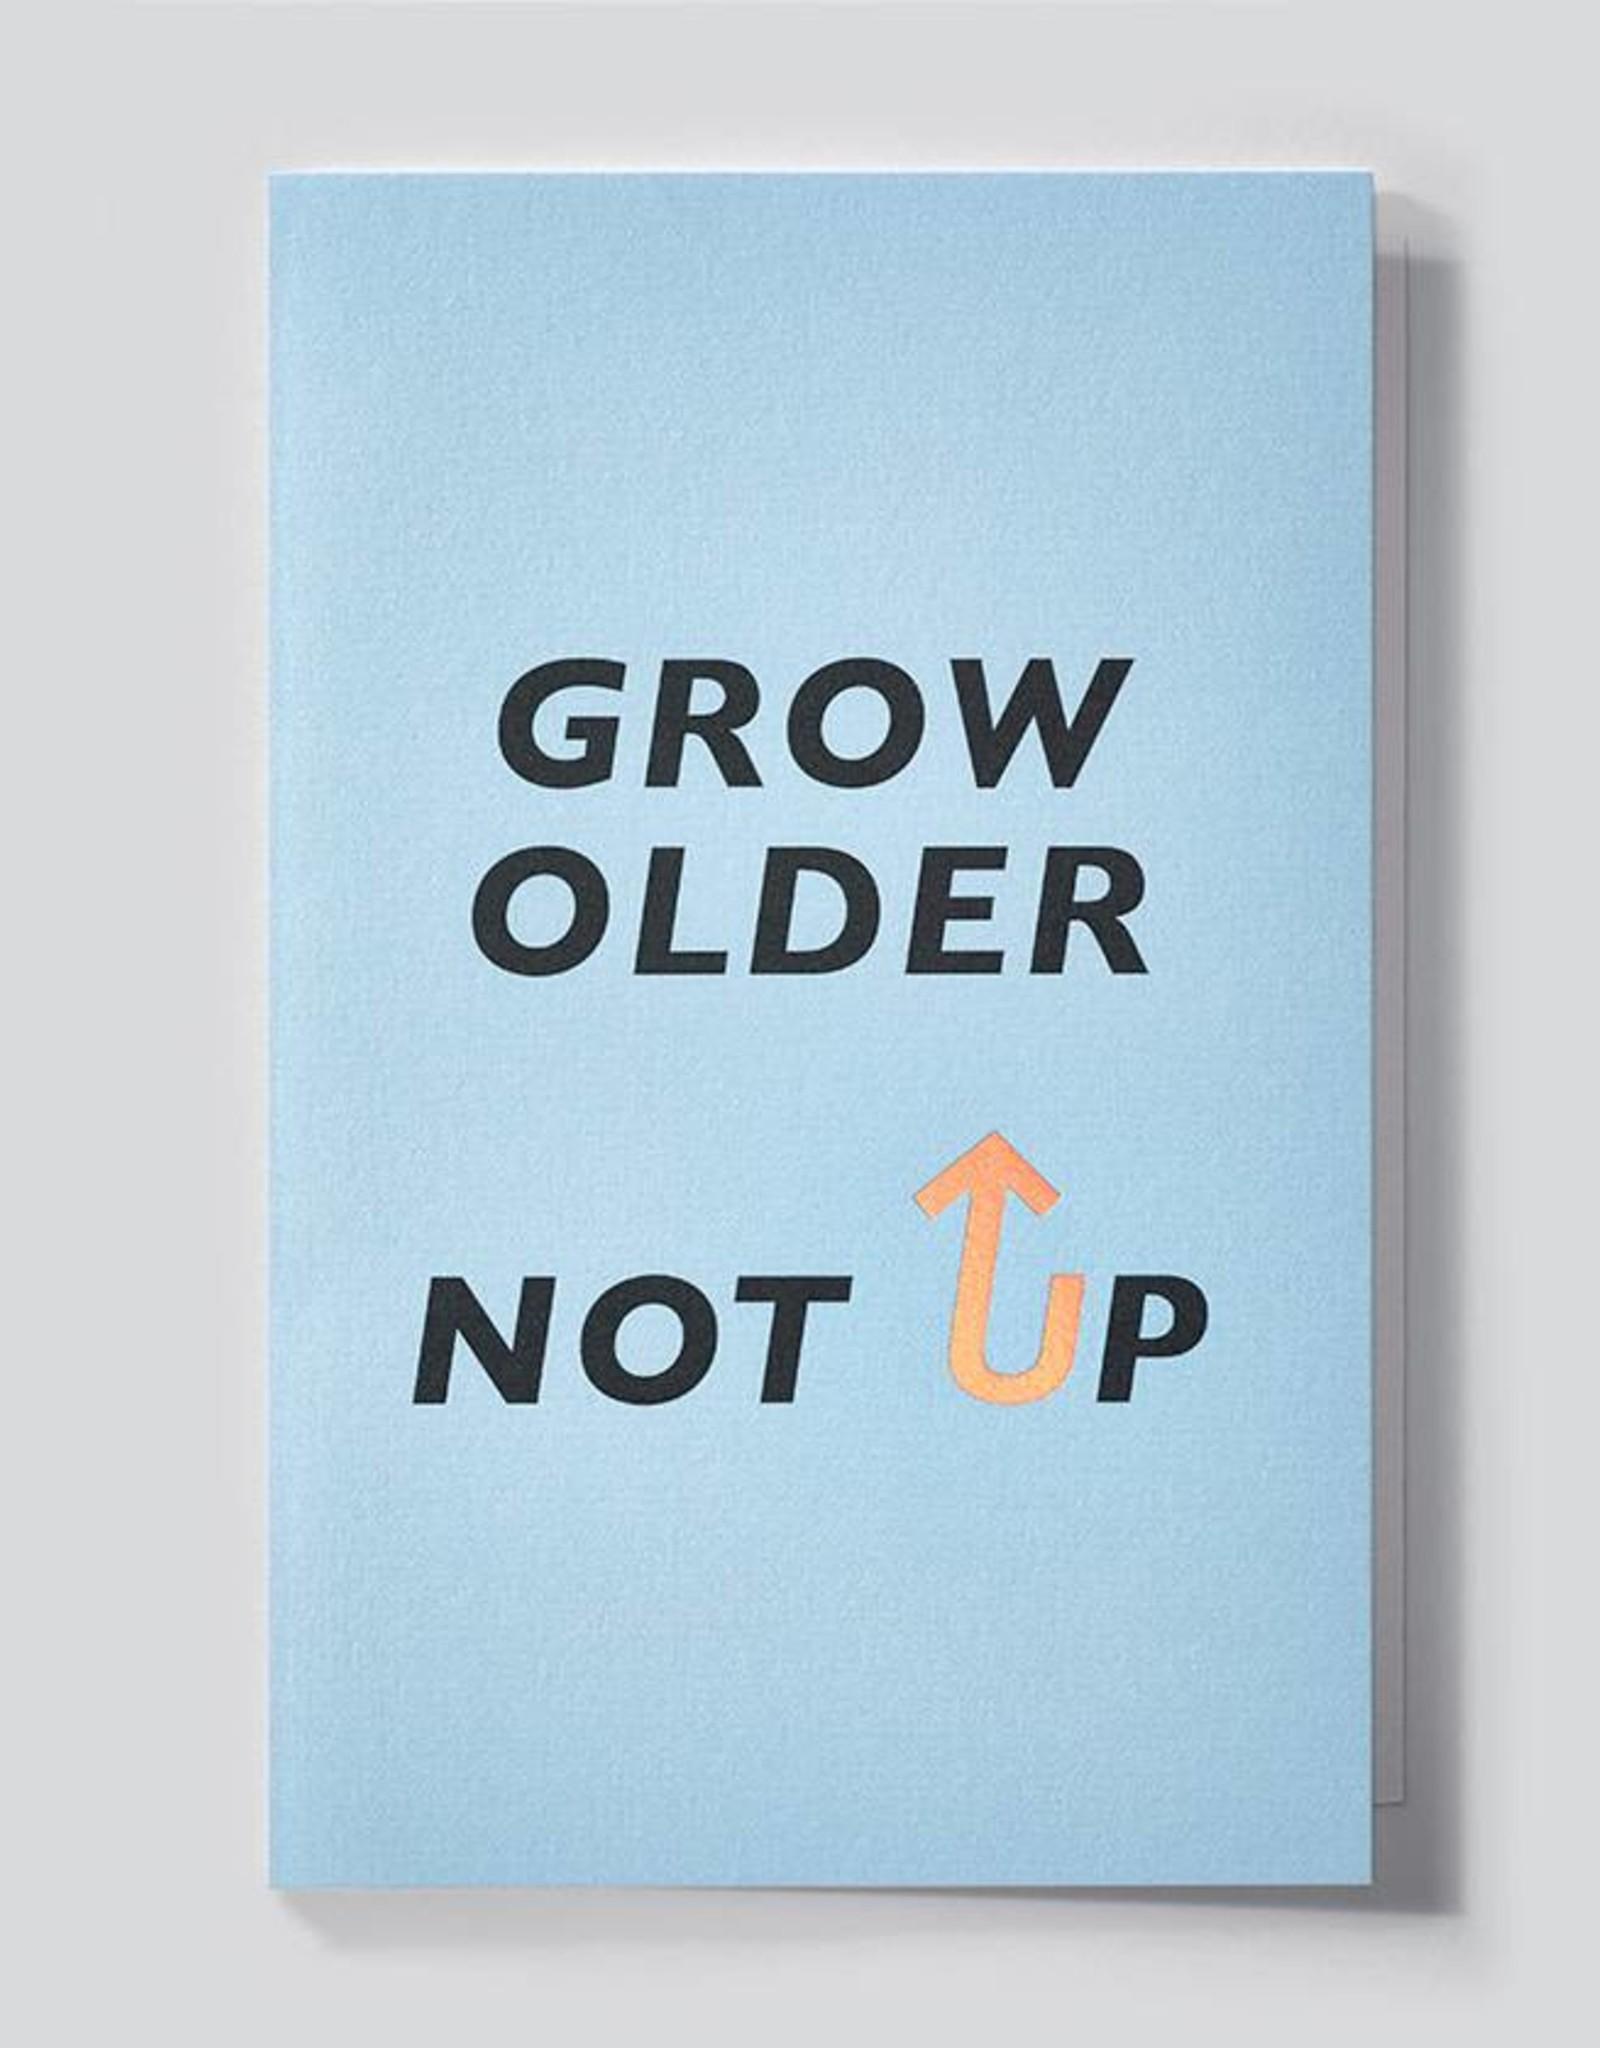 Wenskaart MYTYPE-Grow older, not up